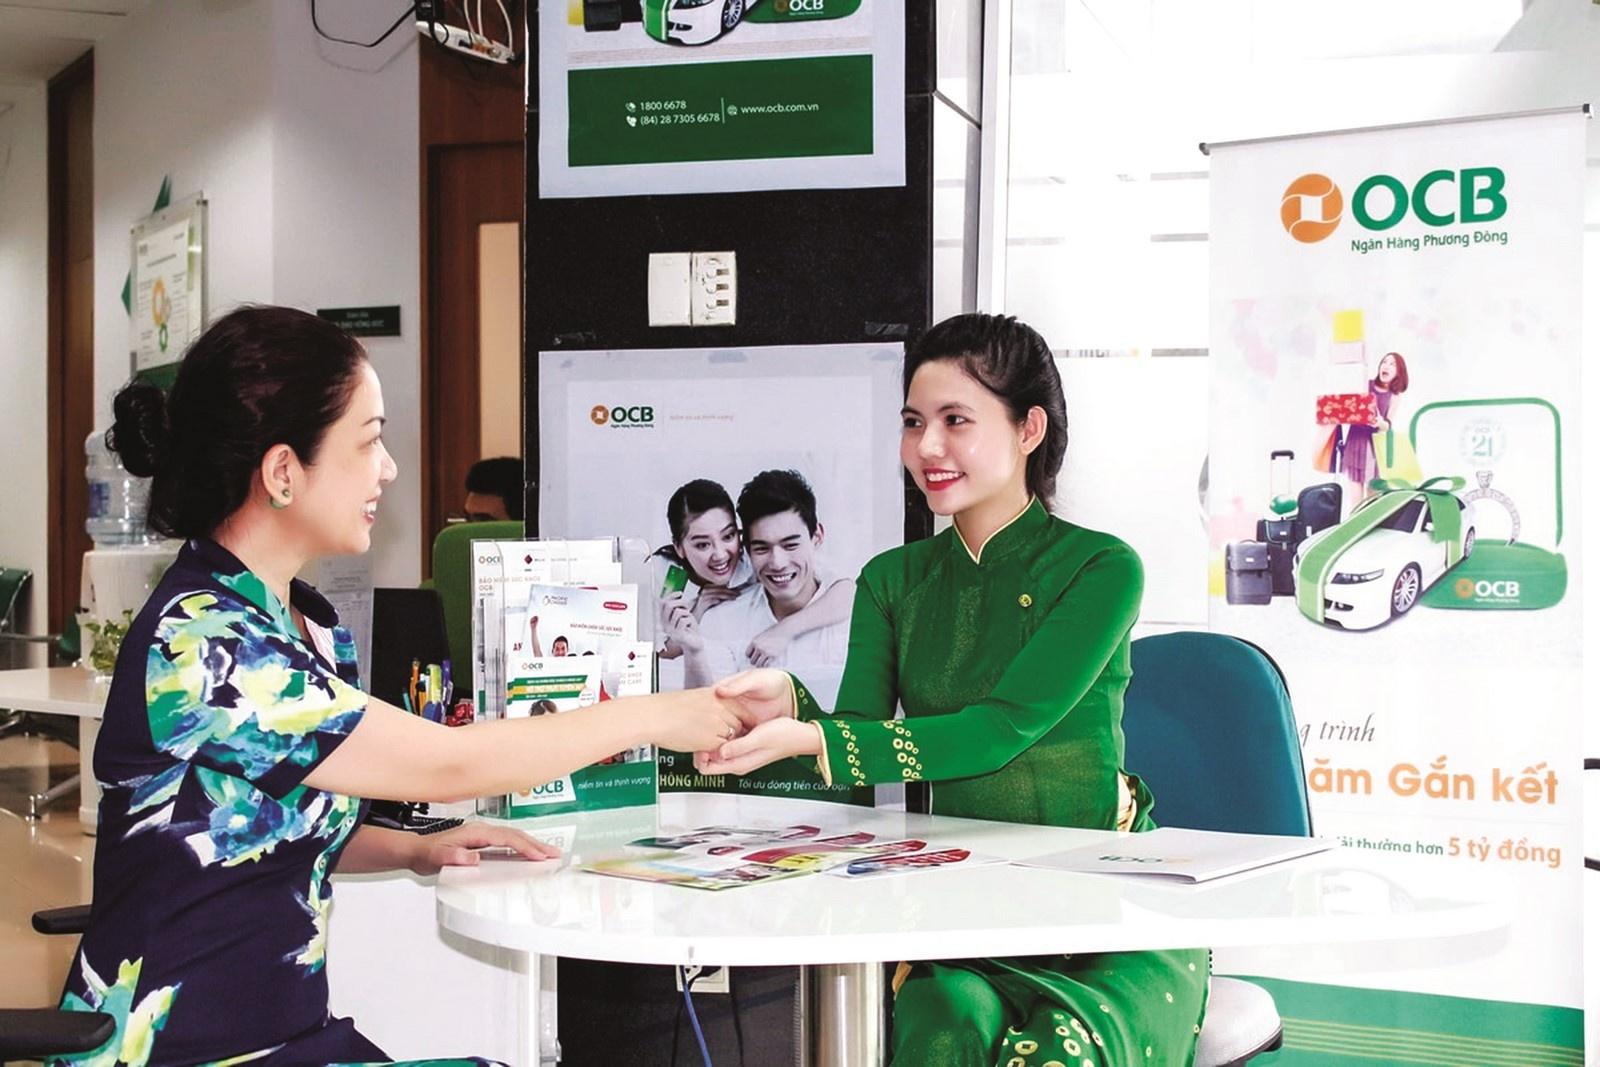 Các nhân viên ngân hàng sẽ luôn hỗ trợ và giúp bạn phong toả tài khoản ngay lập tức.